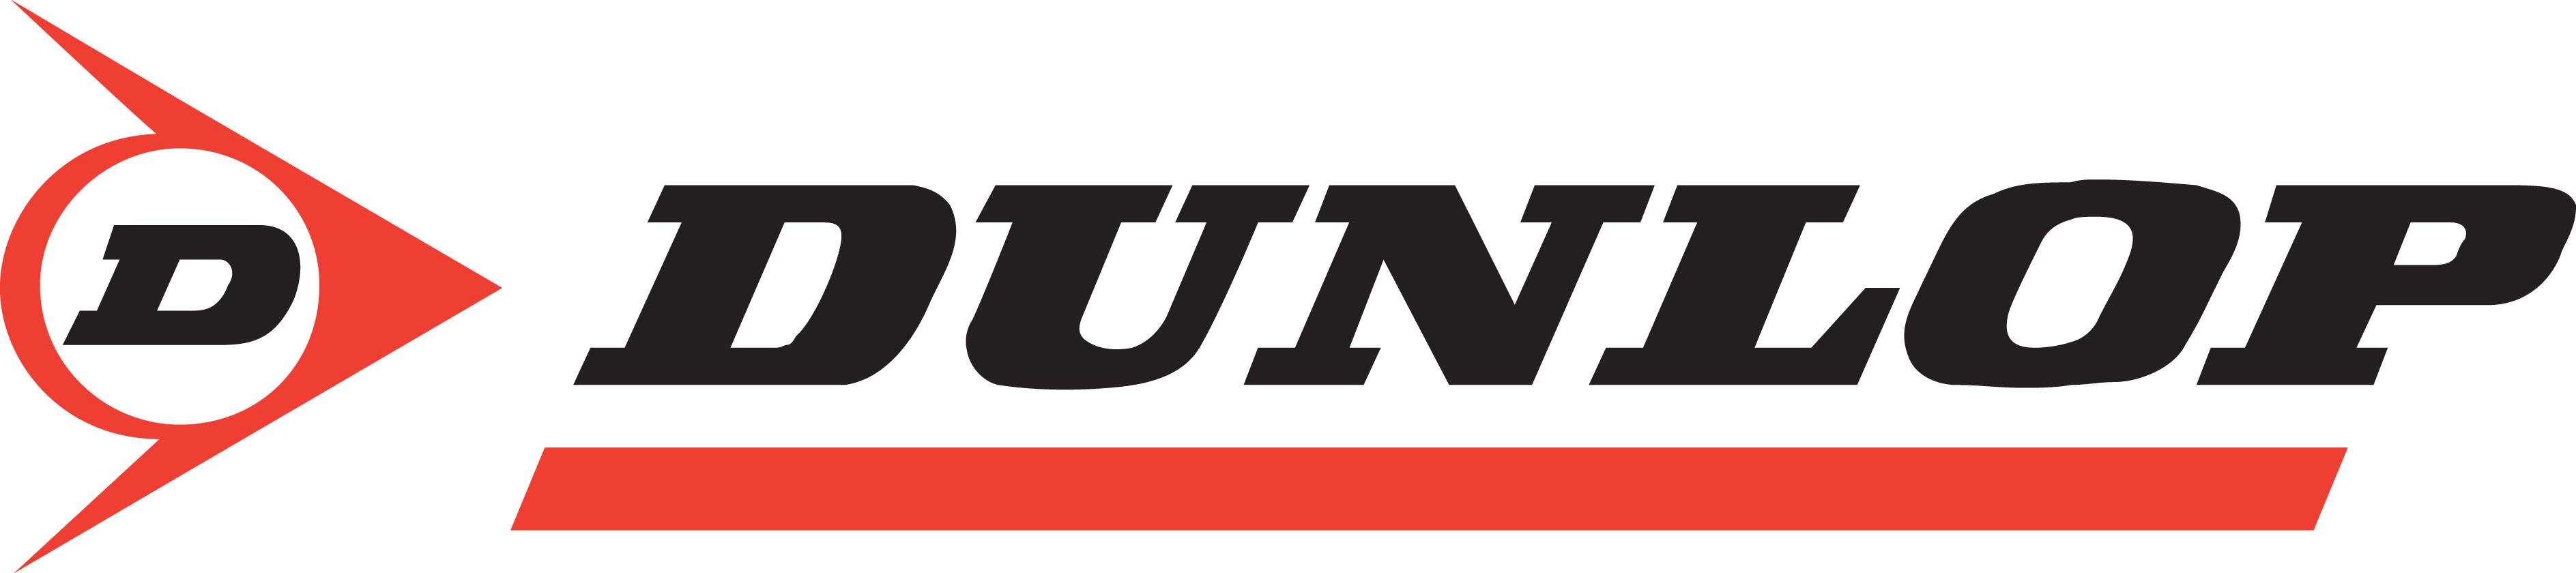 Dunlop Logo Wallpaper